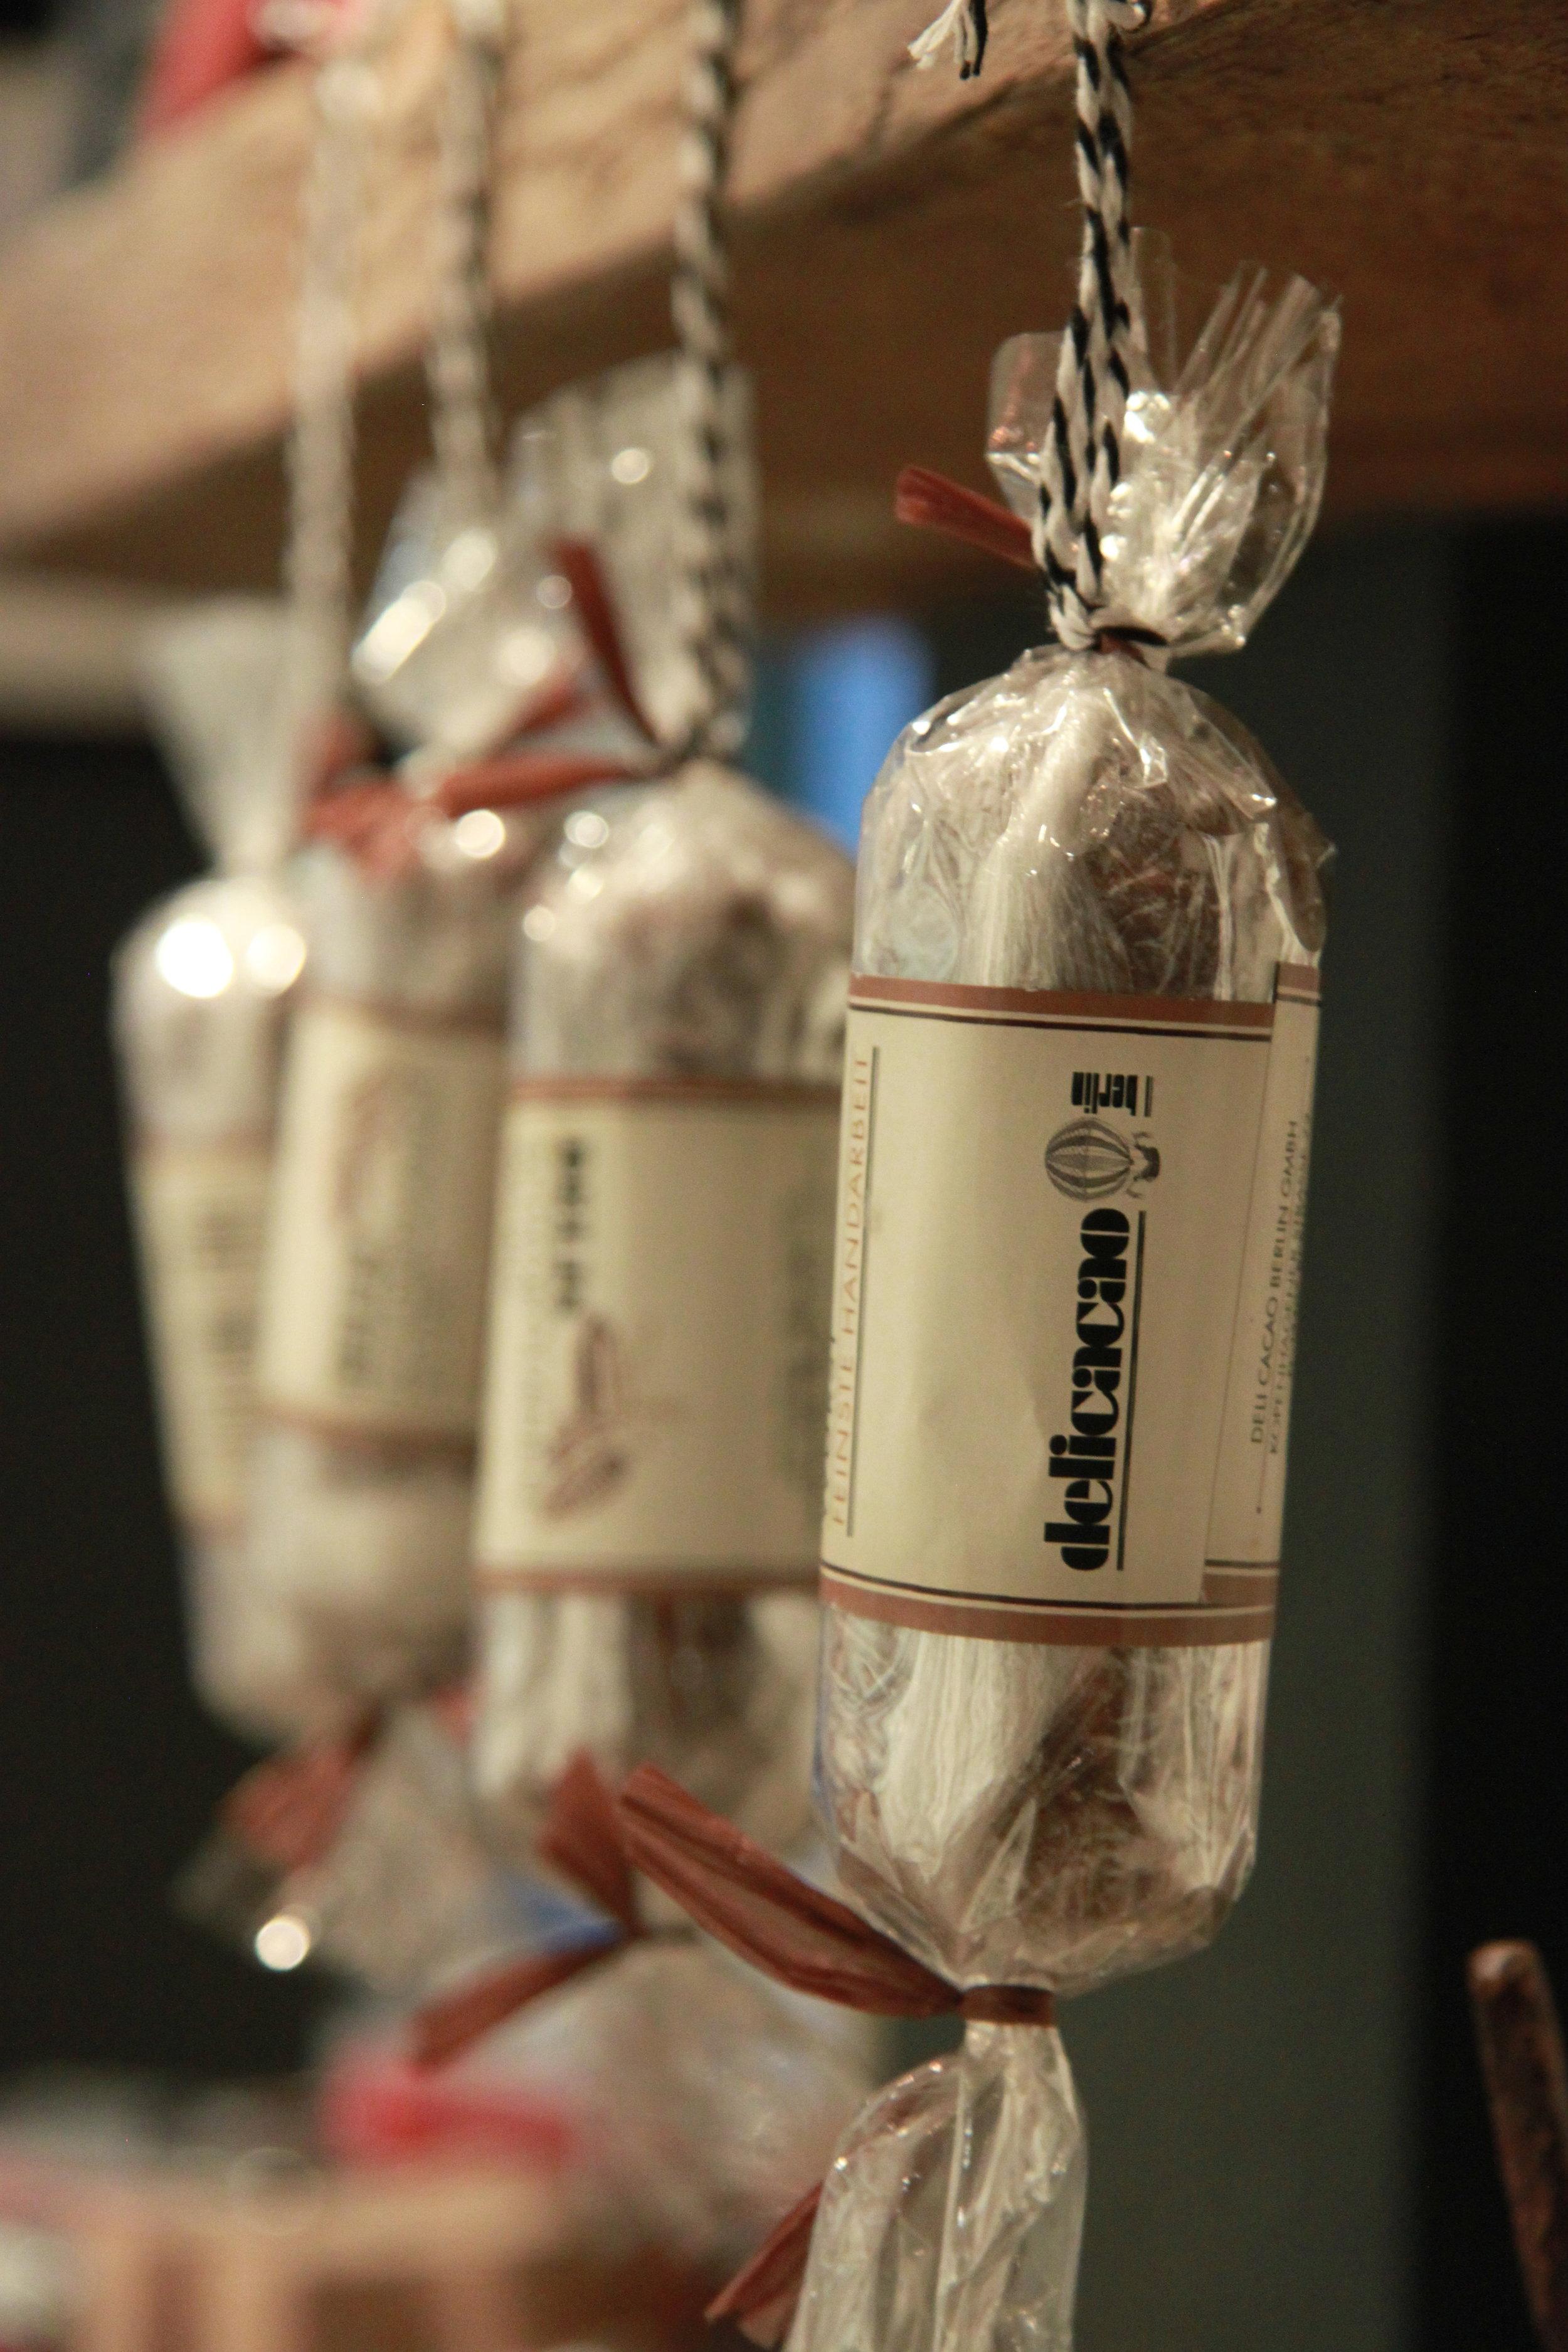 ドイツ製(ベルリン)サラミの形をしたチョコレート Delicacao